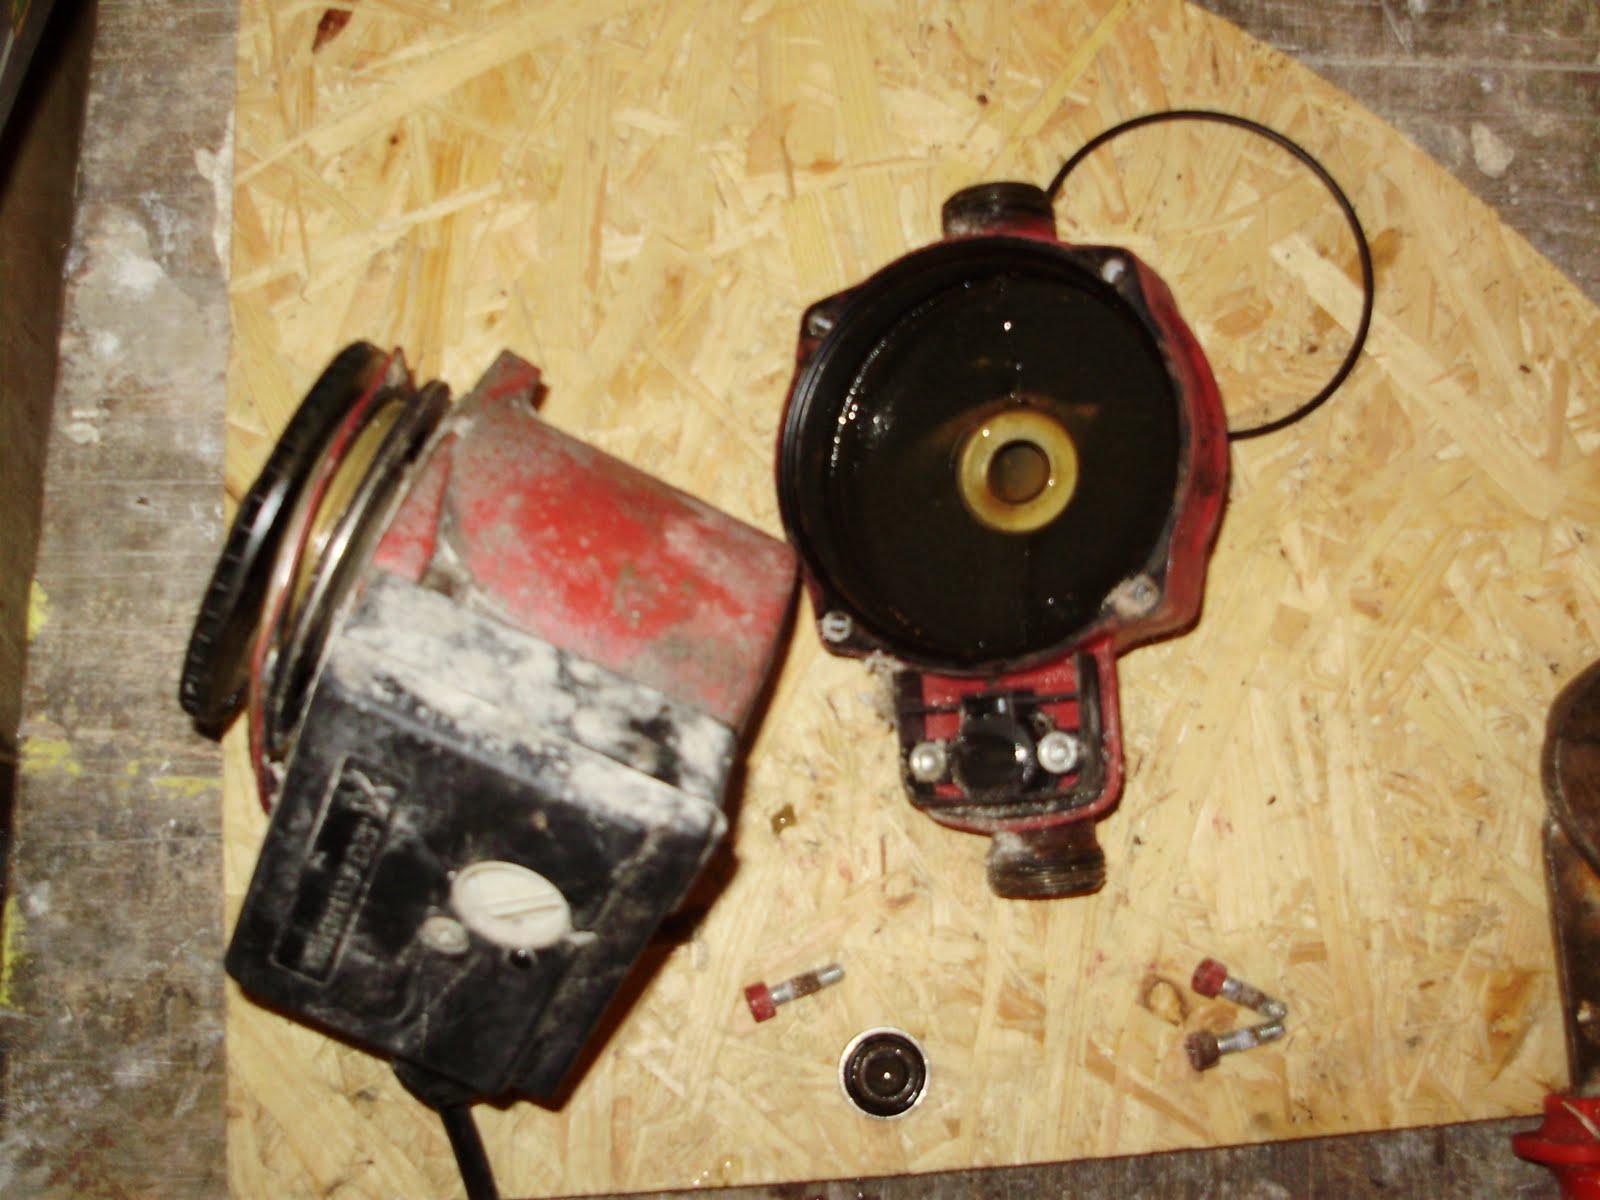 Ремонт циркуляционного насоса отопления своими руками: устройство, разборка, как разобрать, неисправности, почему не работает, как проверить